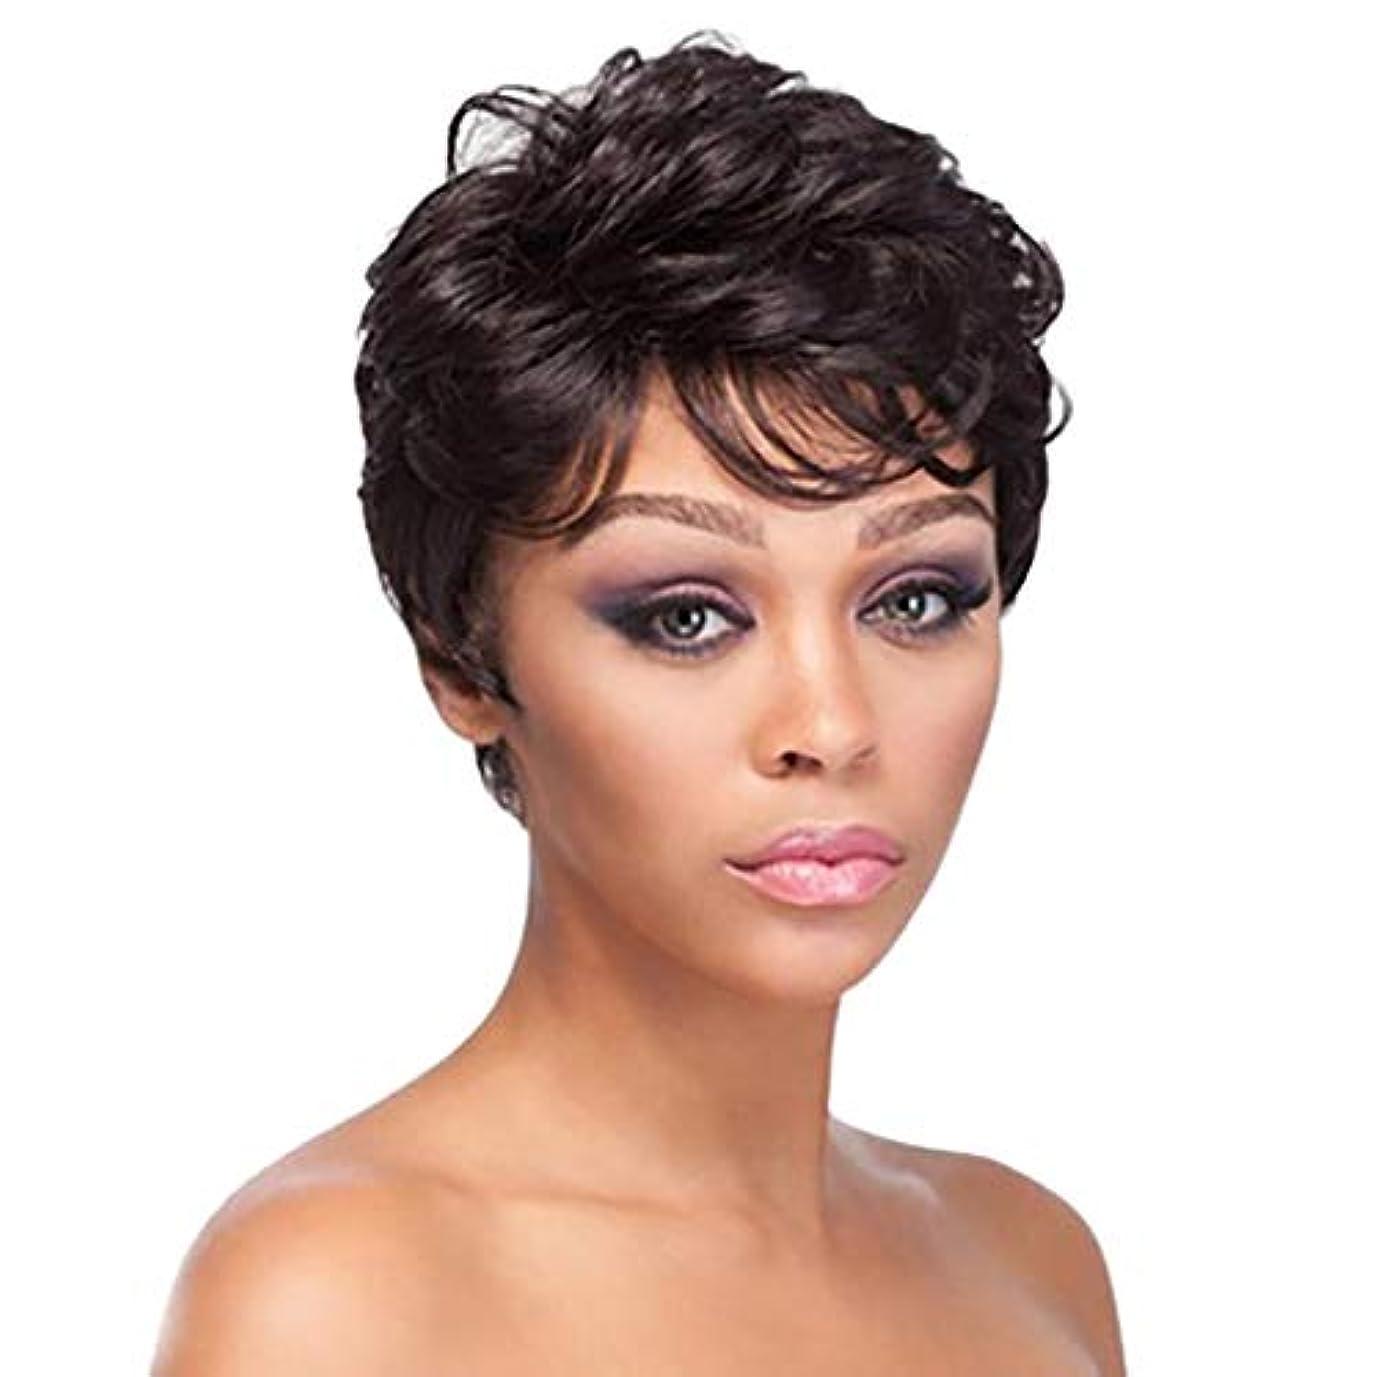 熟練したうれしい釈義かつら短い巻き毛ふわふわ天然化学繊維ウィッグローズヘアネット10CM